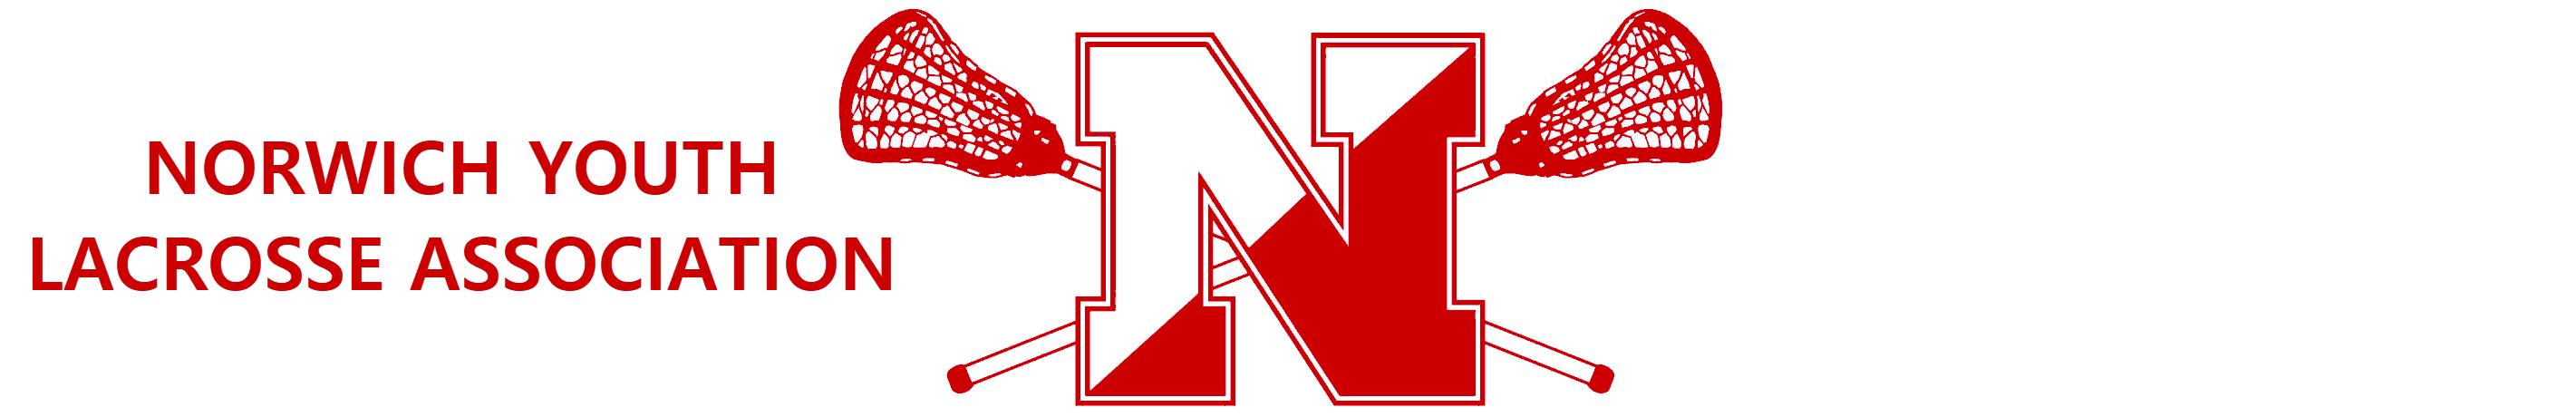 Norwich Youth Lacrosse Association, Lacrosse, Goal, Field